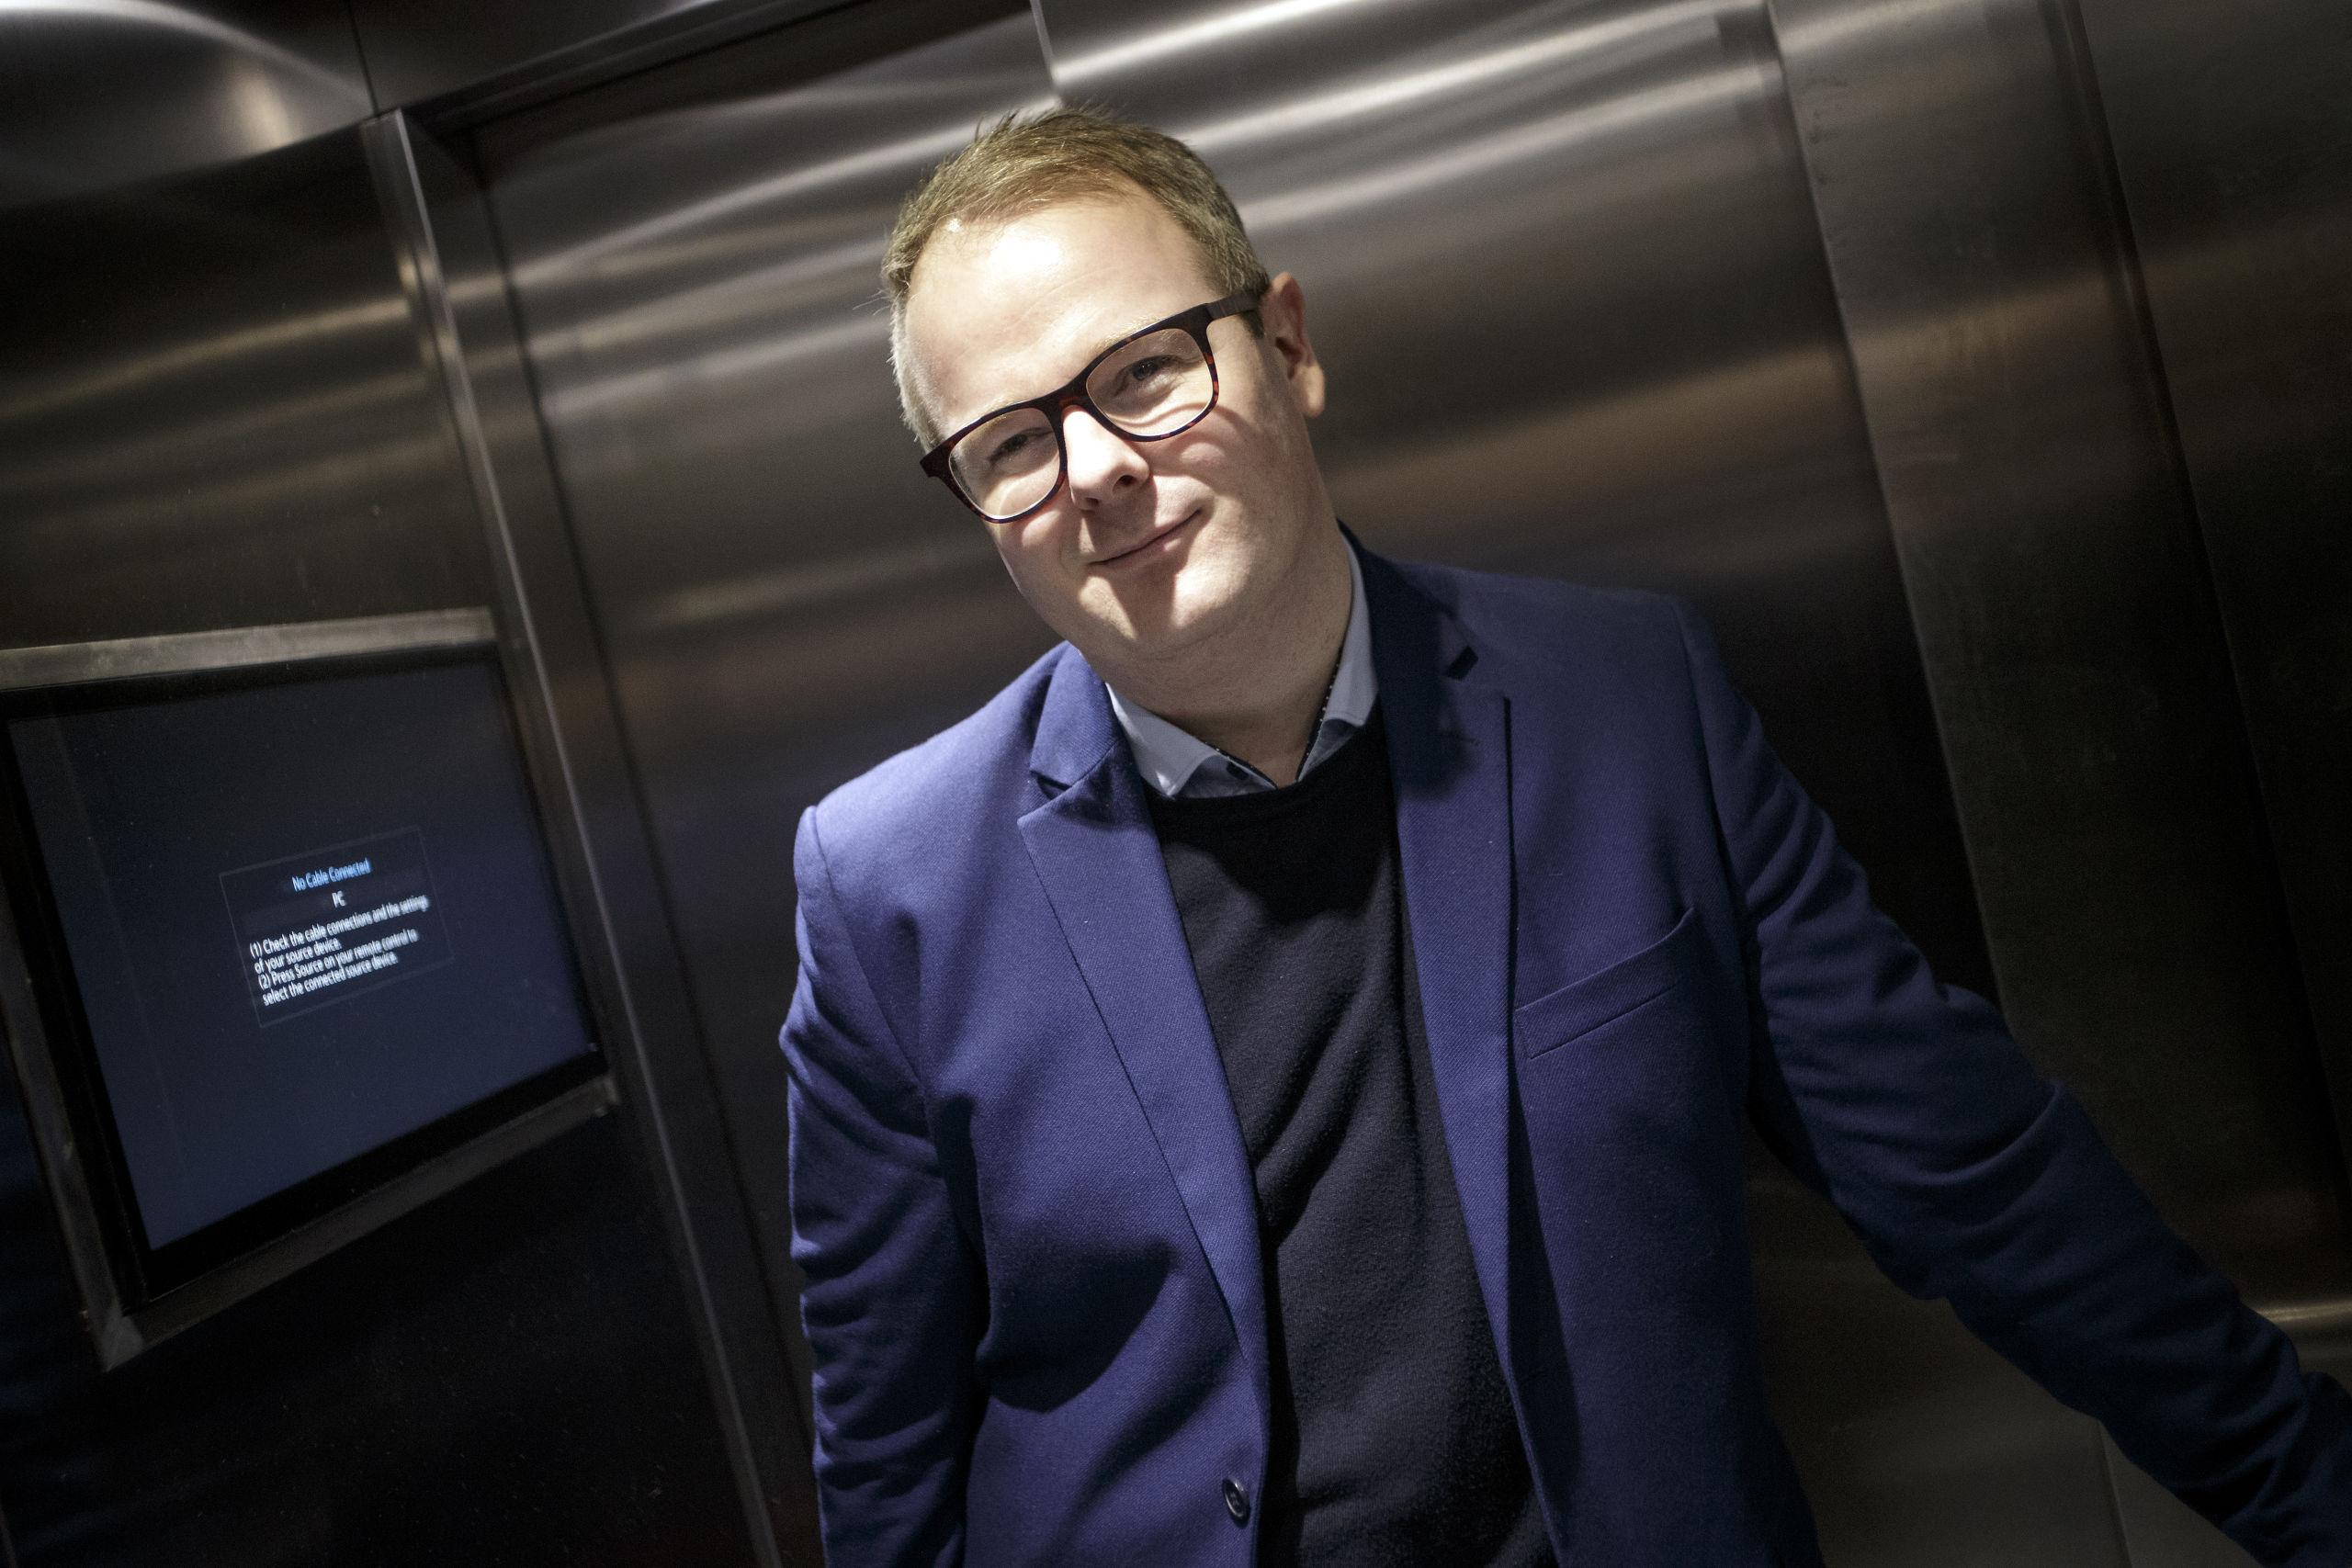 Emil Hauge glæder sig til at byde gæsterne velkommen. Foto: Martel Andersen